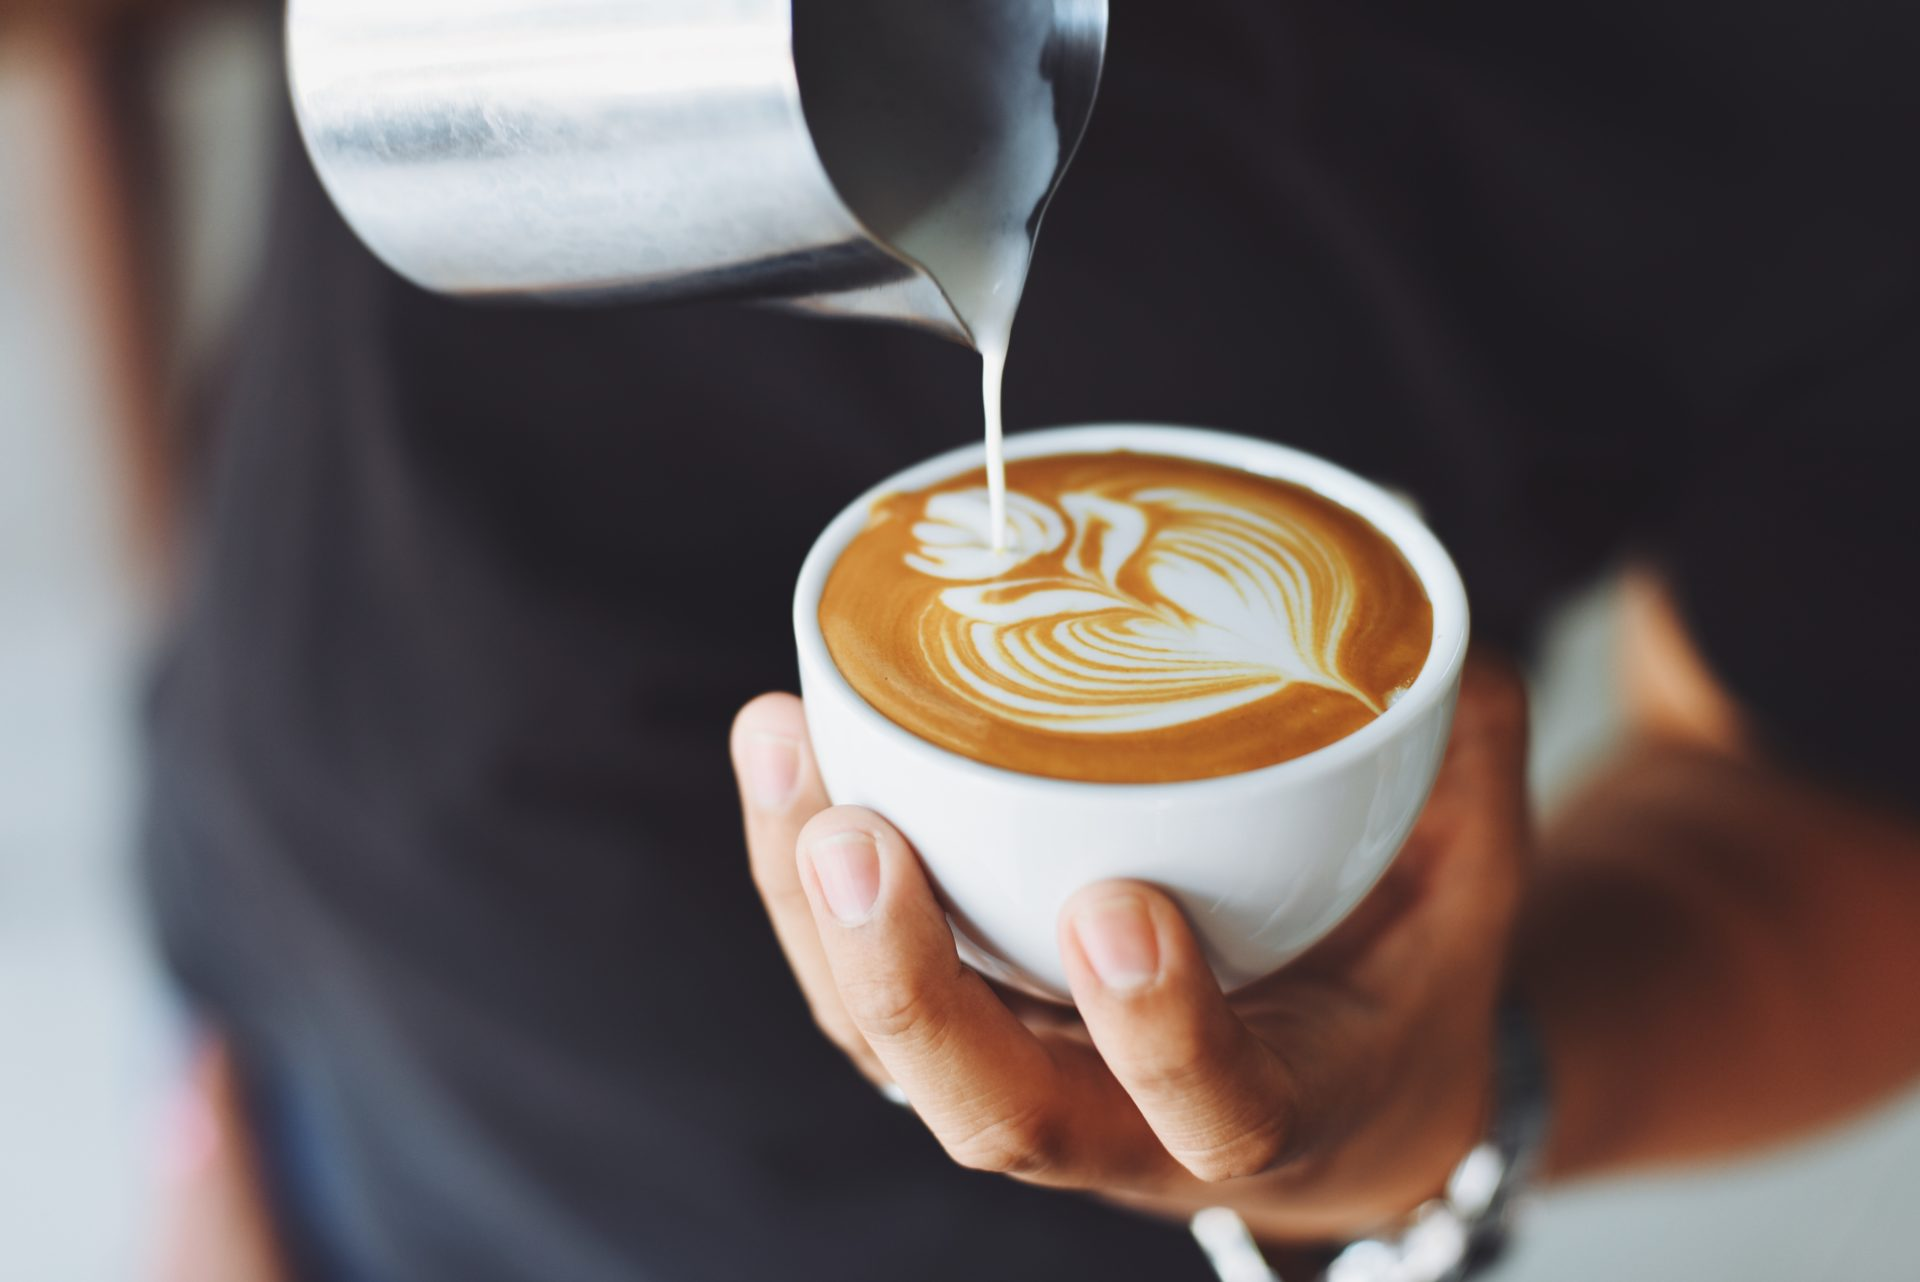 50代、朝のコーヒーはフレーバーな件!